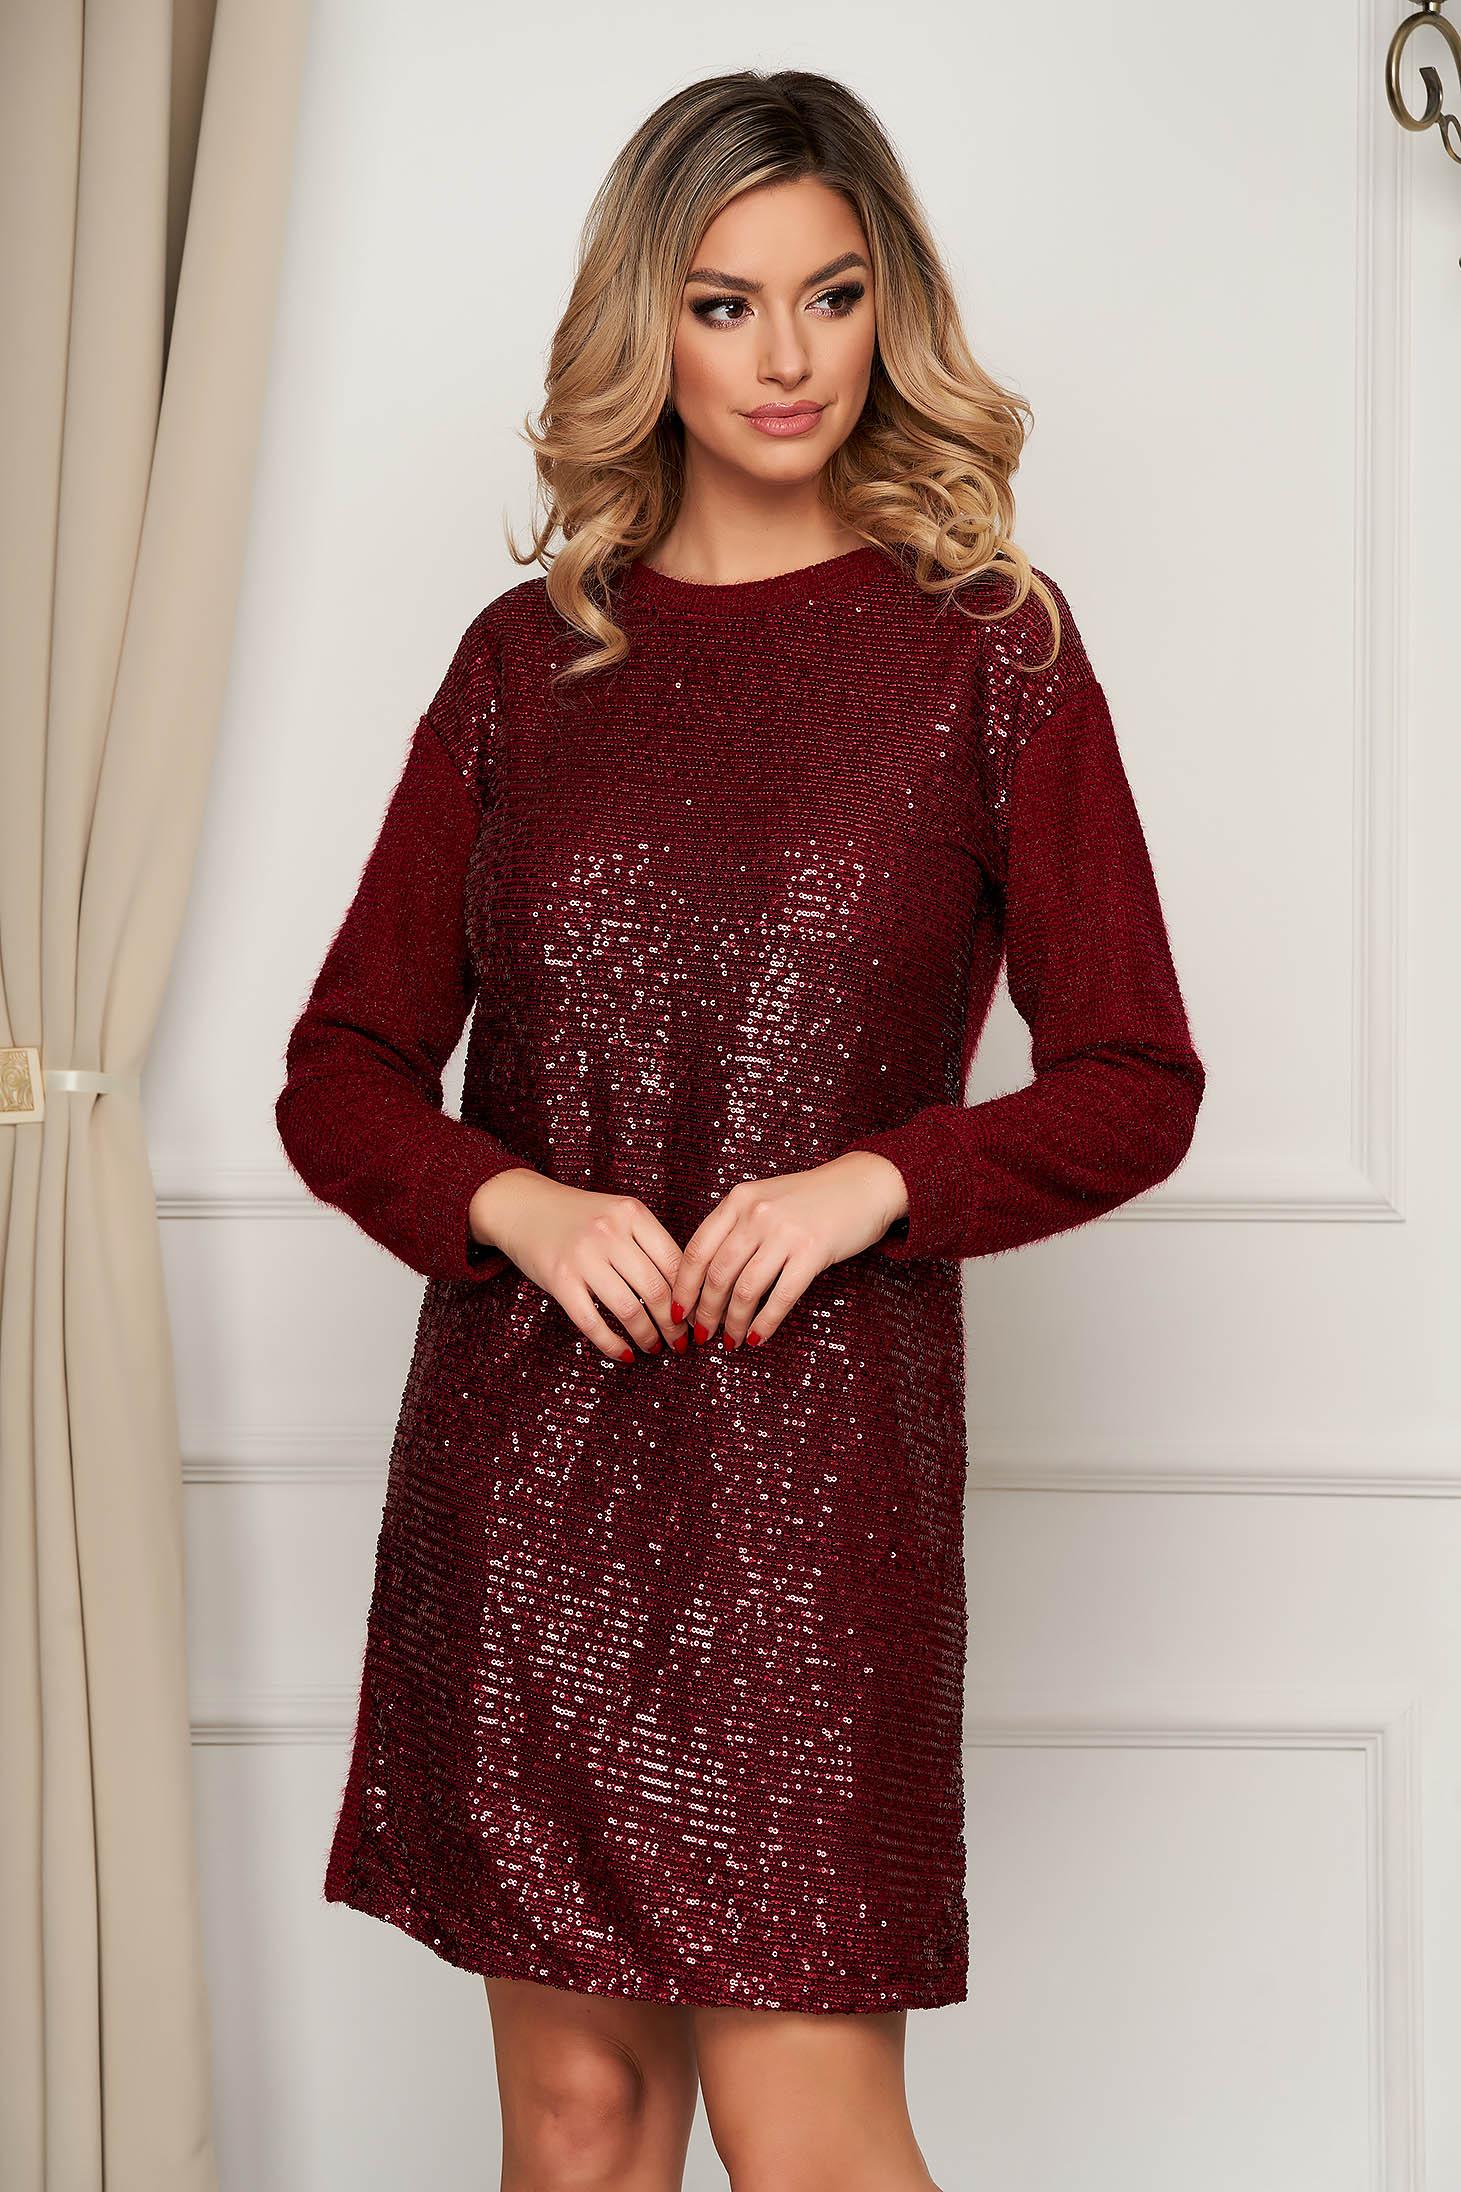 Burgundy flitteres díszítéssel rövid party ruha rugalmas anyagból